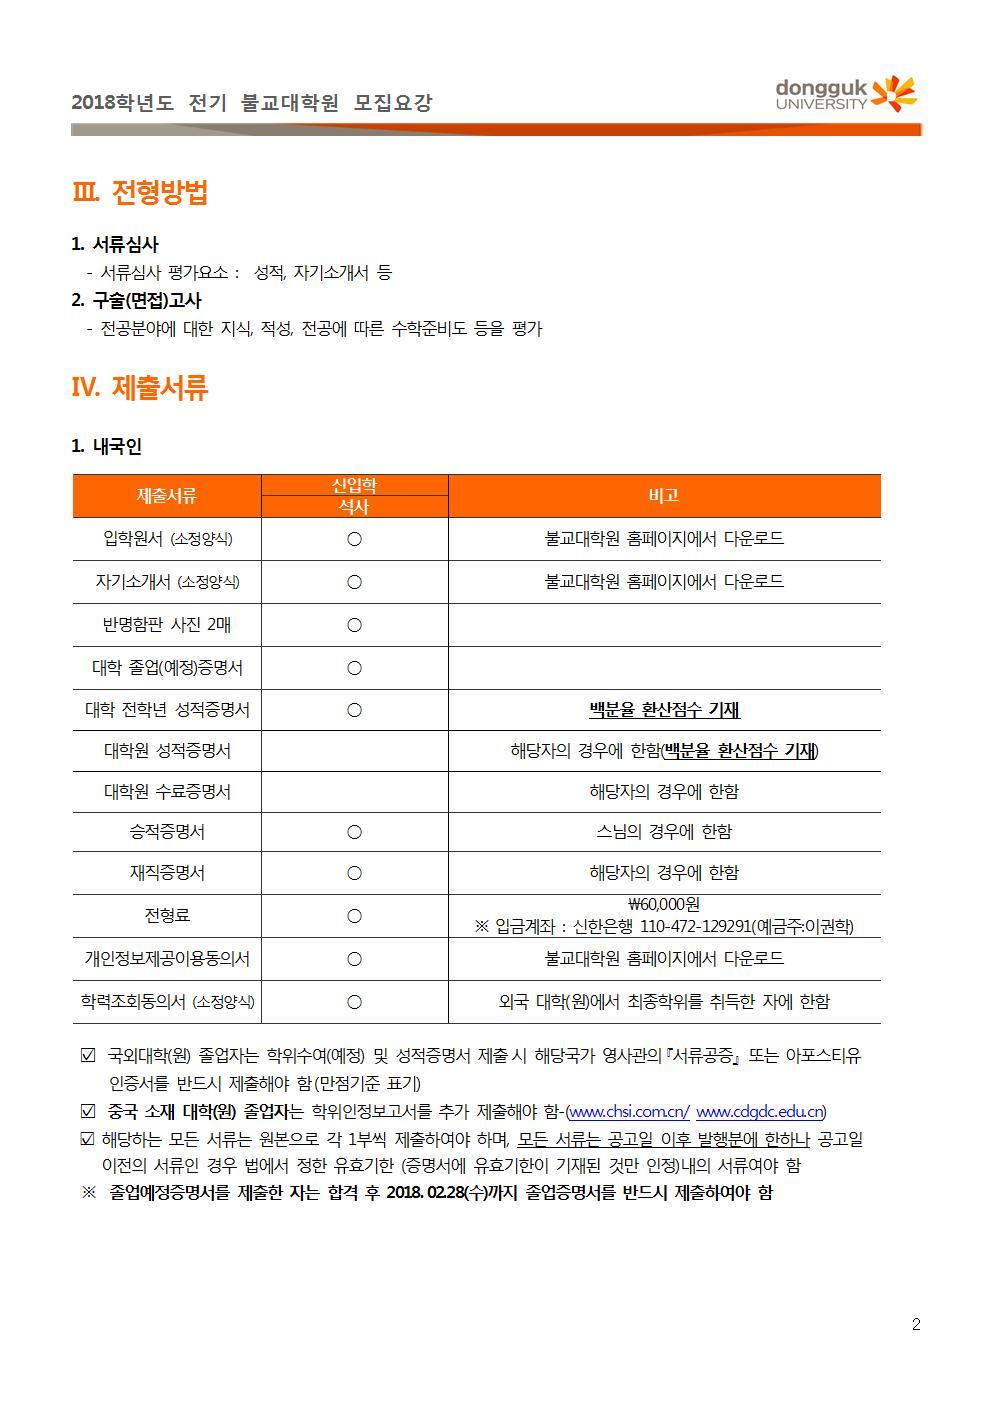 (첨부1) 불교대학원 2018학년도 전기 신입생 모집 요강(2차)002